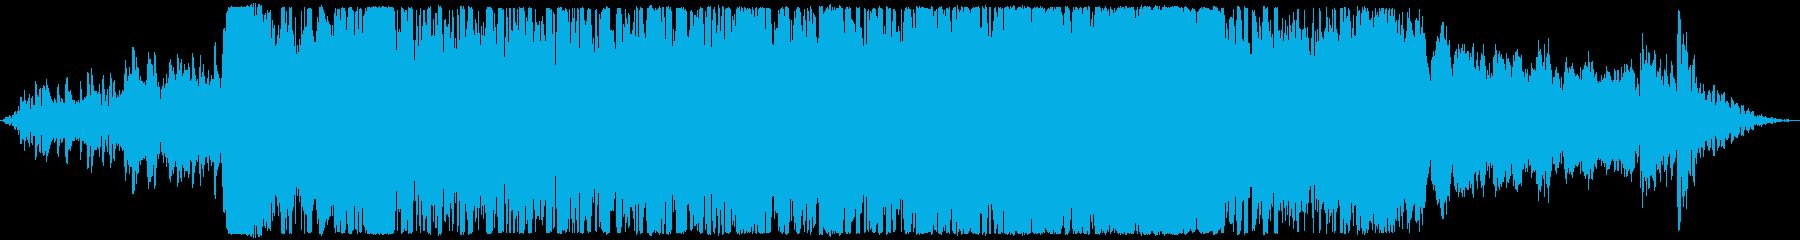 アンビエント 実験的な ドラマチッ...の再生済みの波形